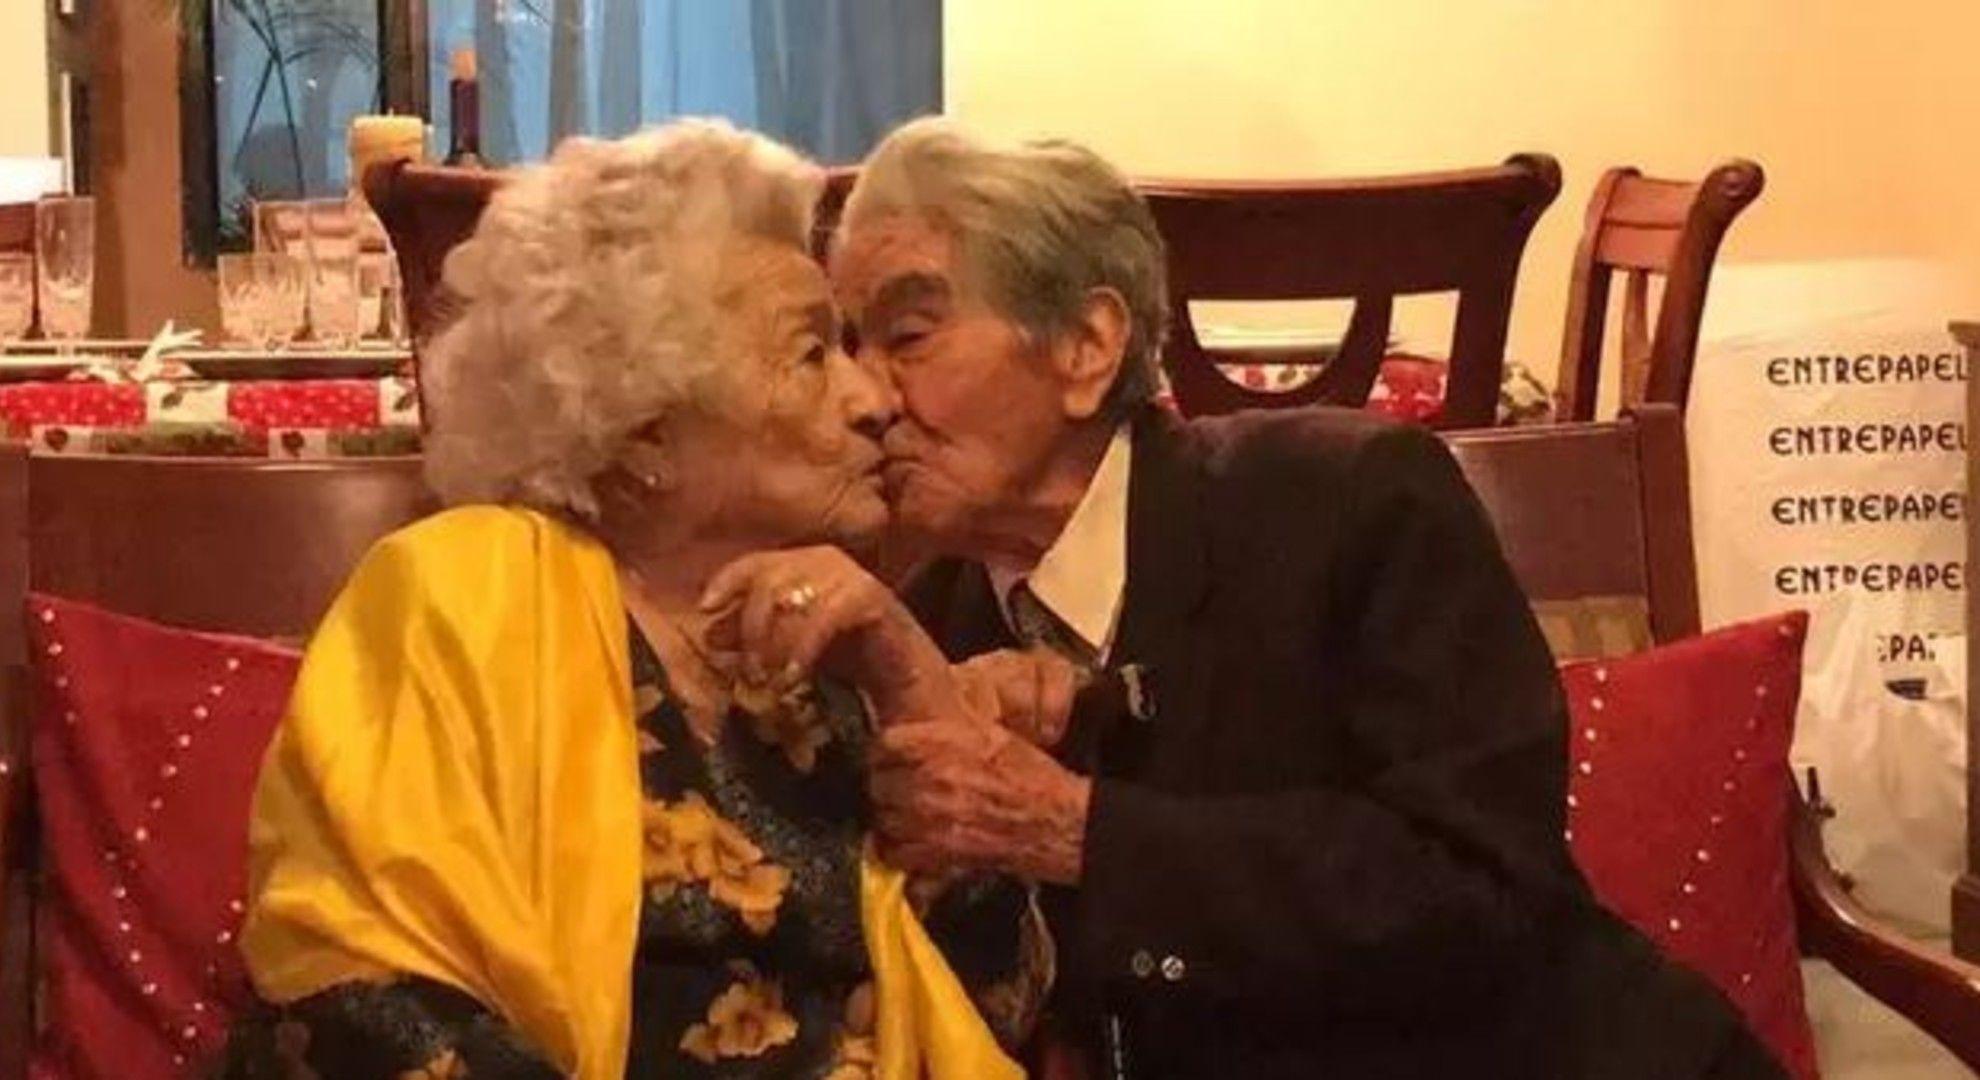 Együtt 214 évesek az idős szerelmesek